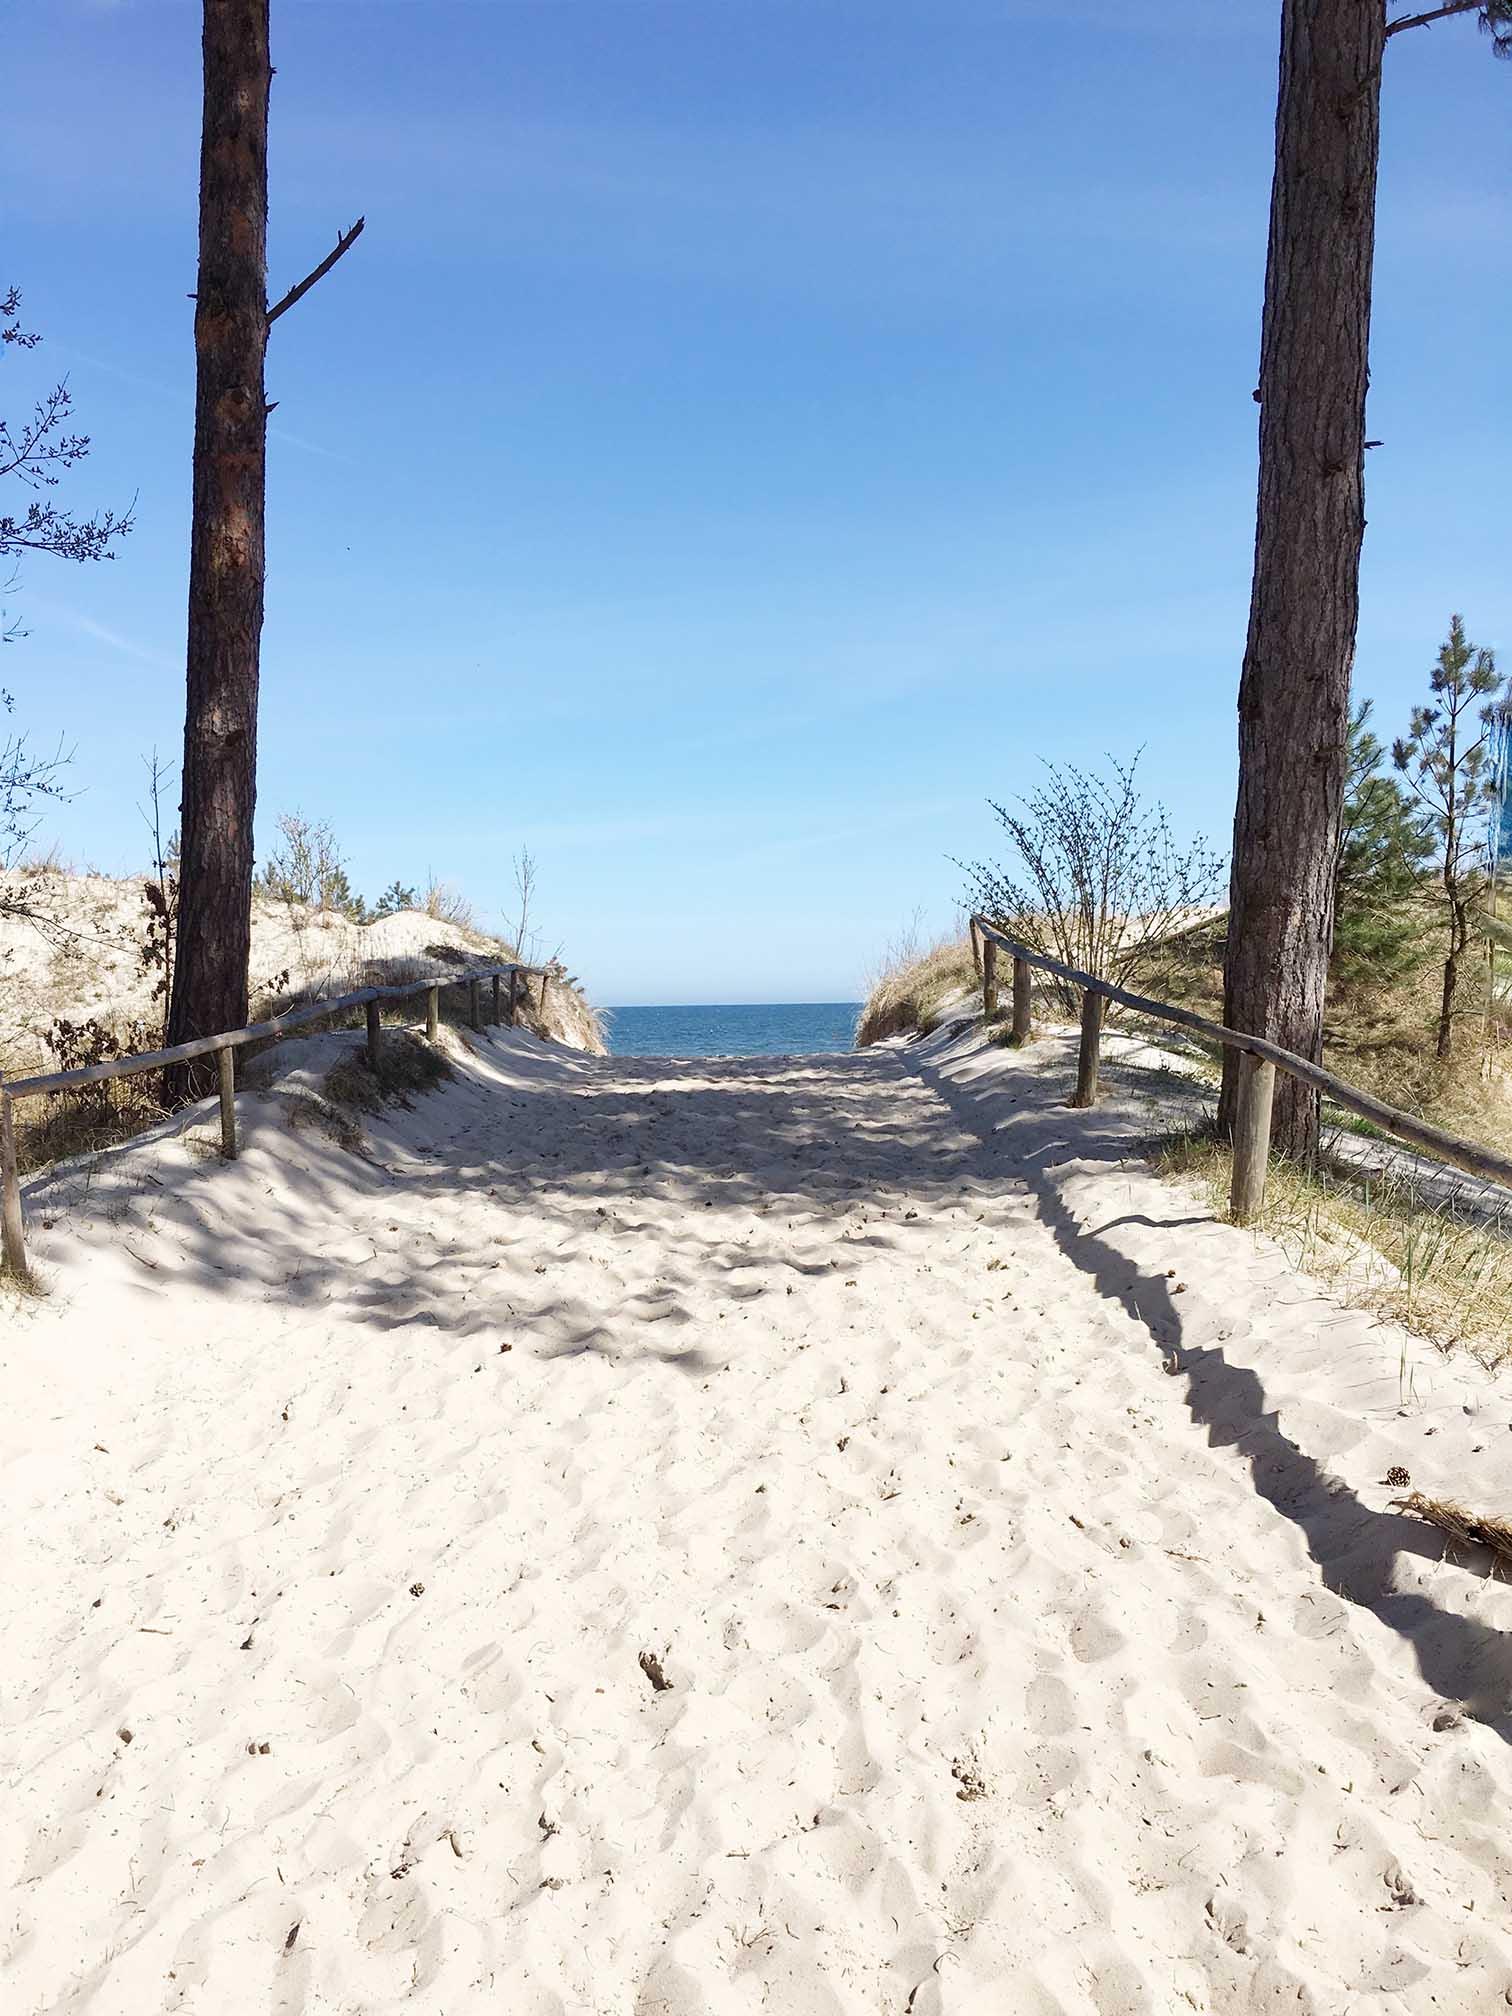 01-zatoka mew wejscie na plaze